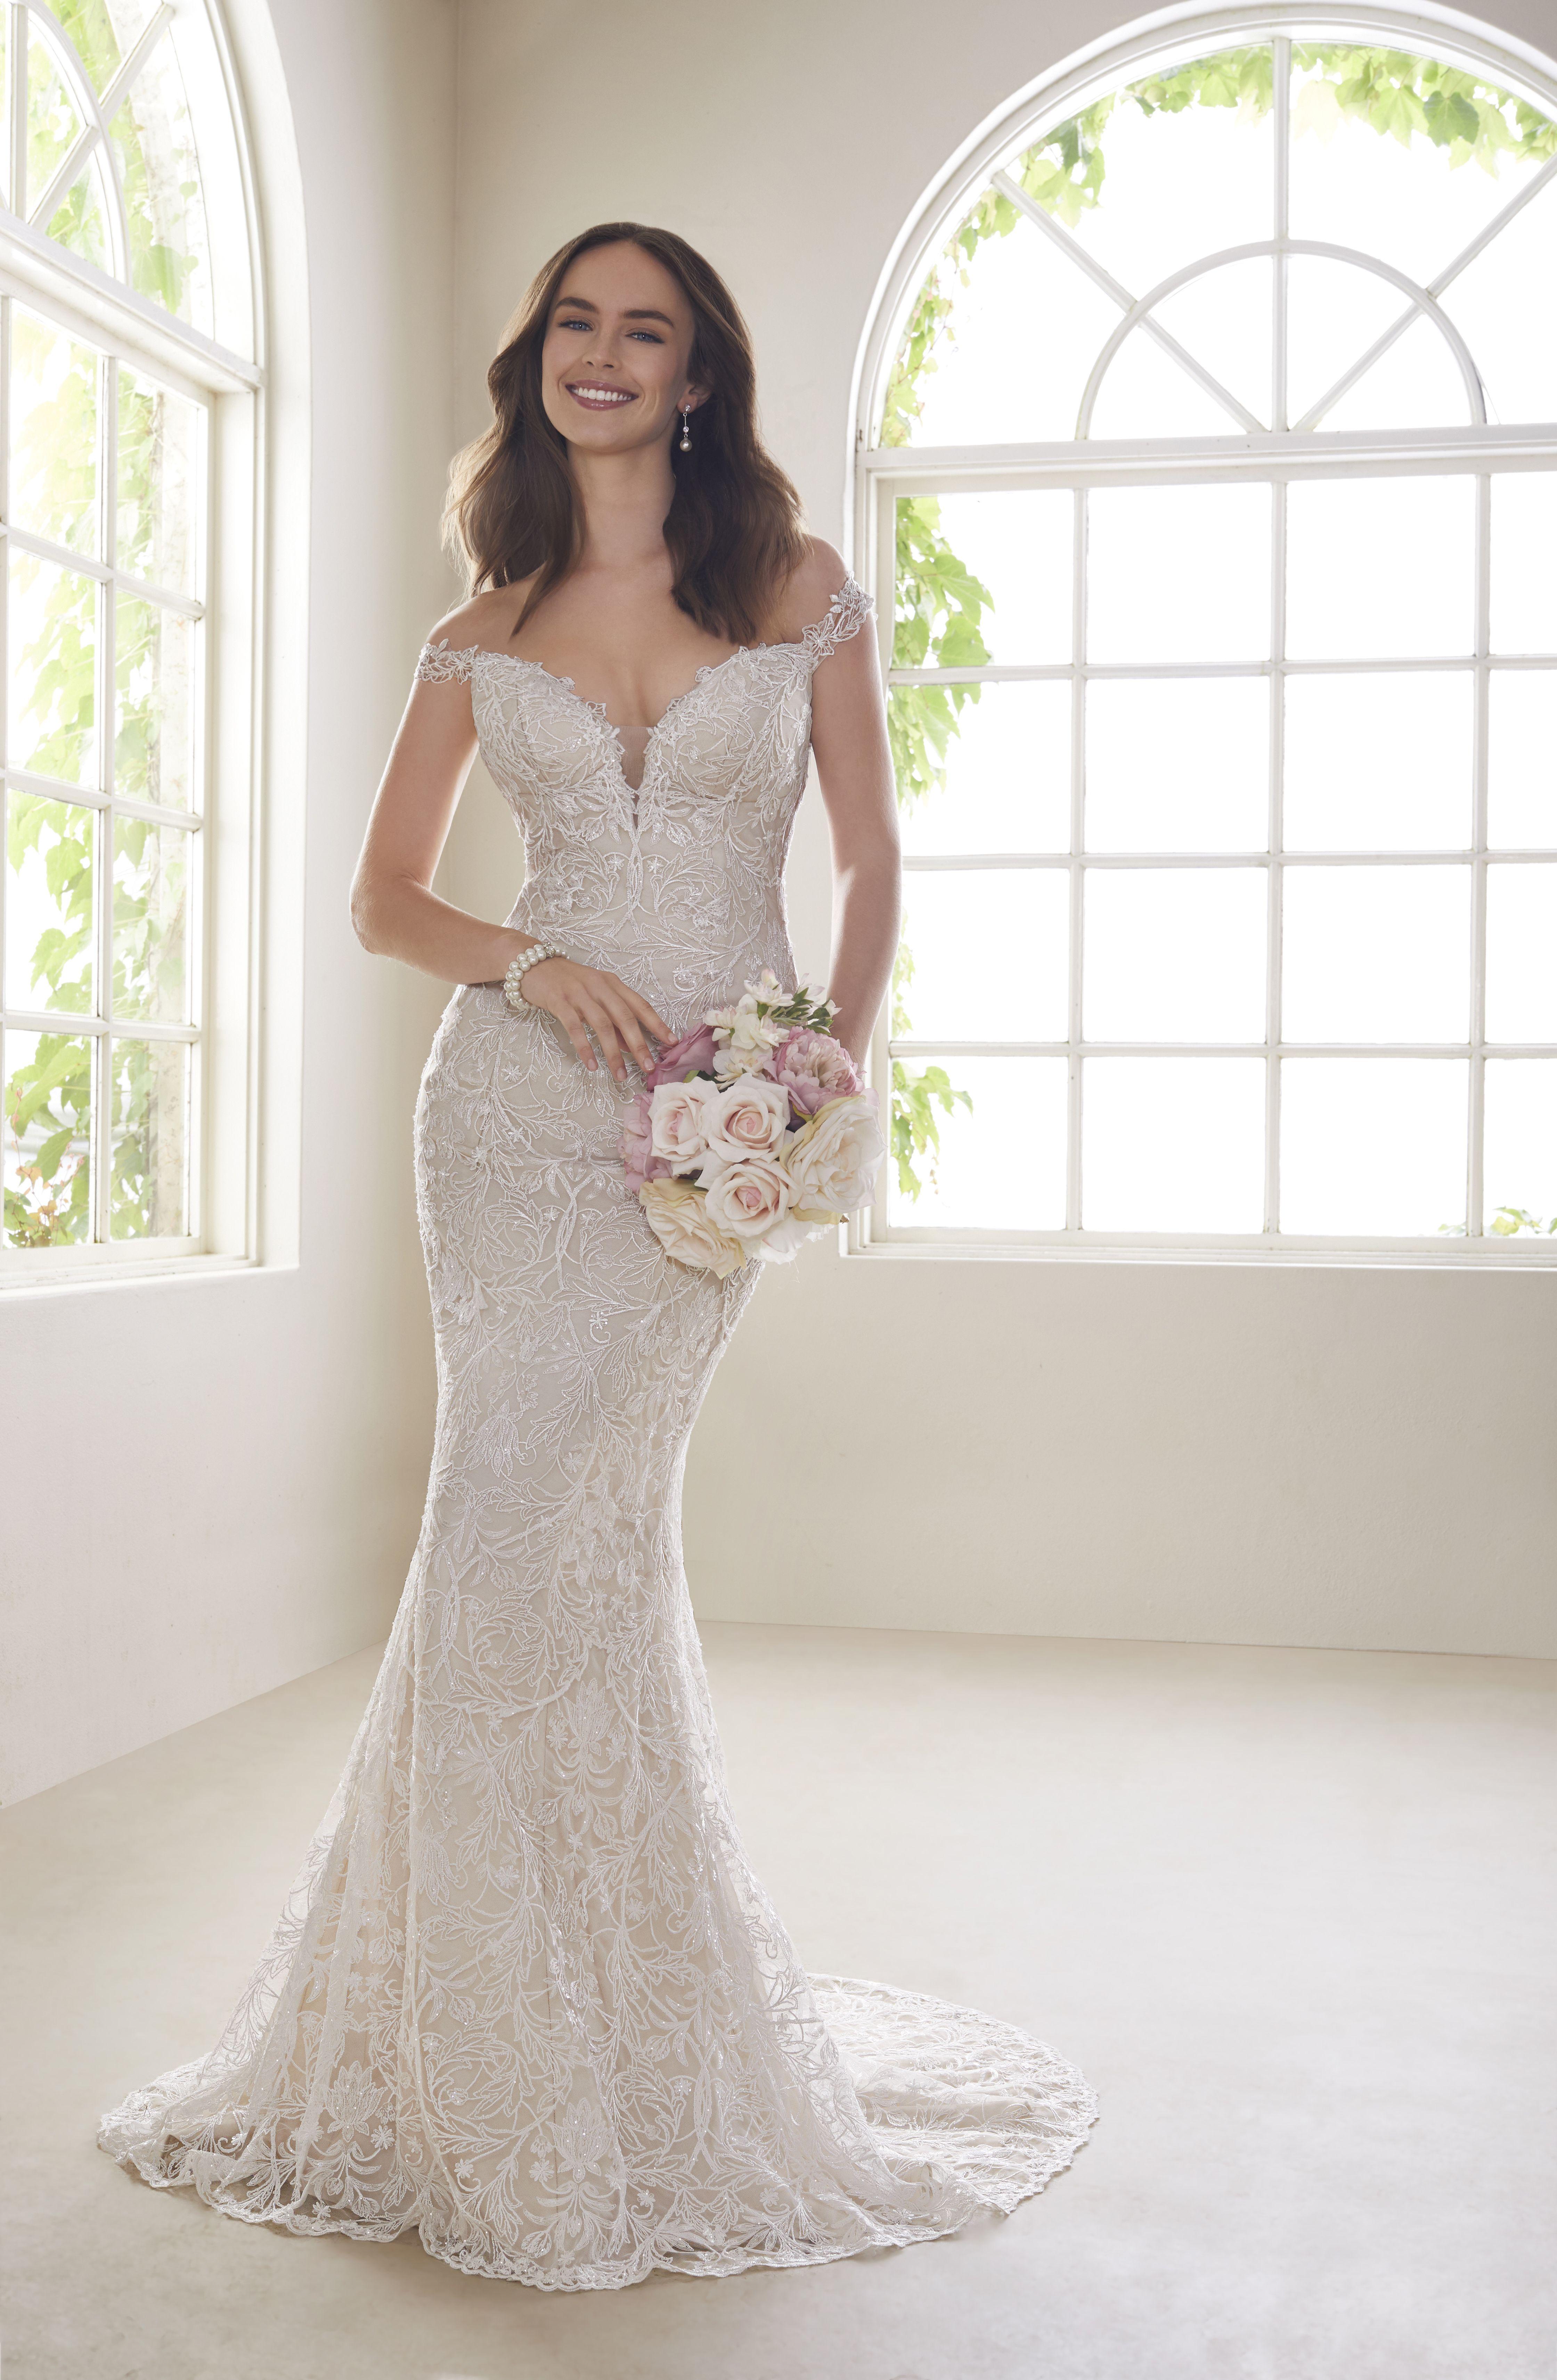 Sophia Tolli Diamond Sophia Tolli Sophia Tolli Wedding Dresses Diamond Wedding Dress Wedding Dresses [ 6850 x 4480 Pixel ]